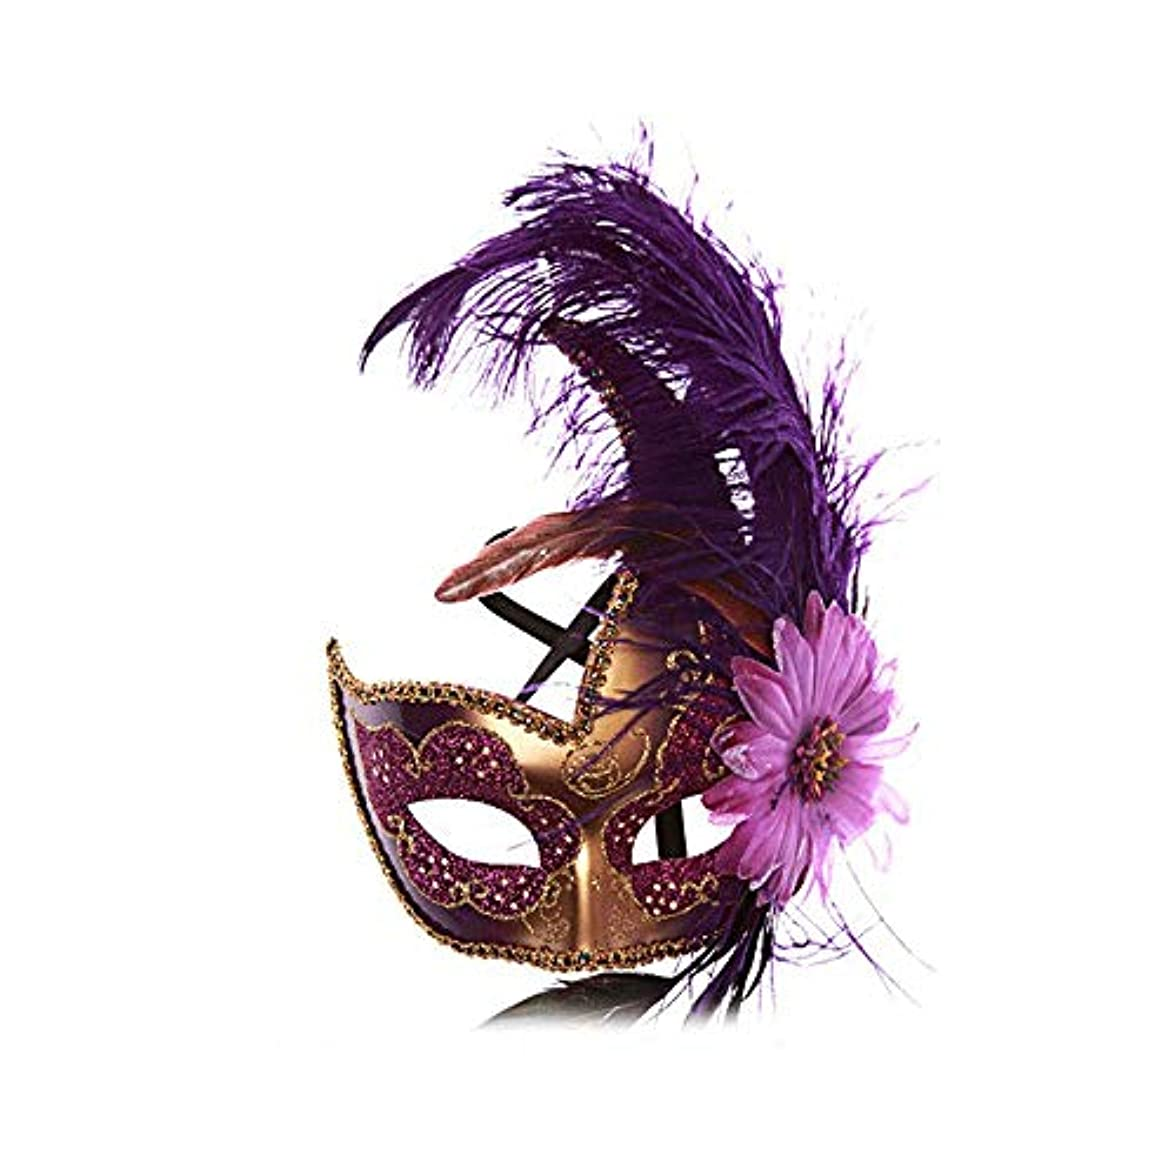 ペニータバコ結果Nanle ハロウィンマスクハーフフェザーマスクベニスプリンセスマスク美容レース仮面ライダーコスプレ (色 : Style B purple)